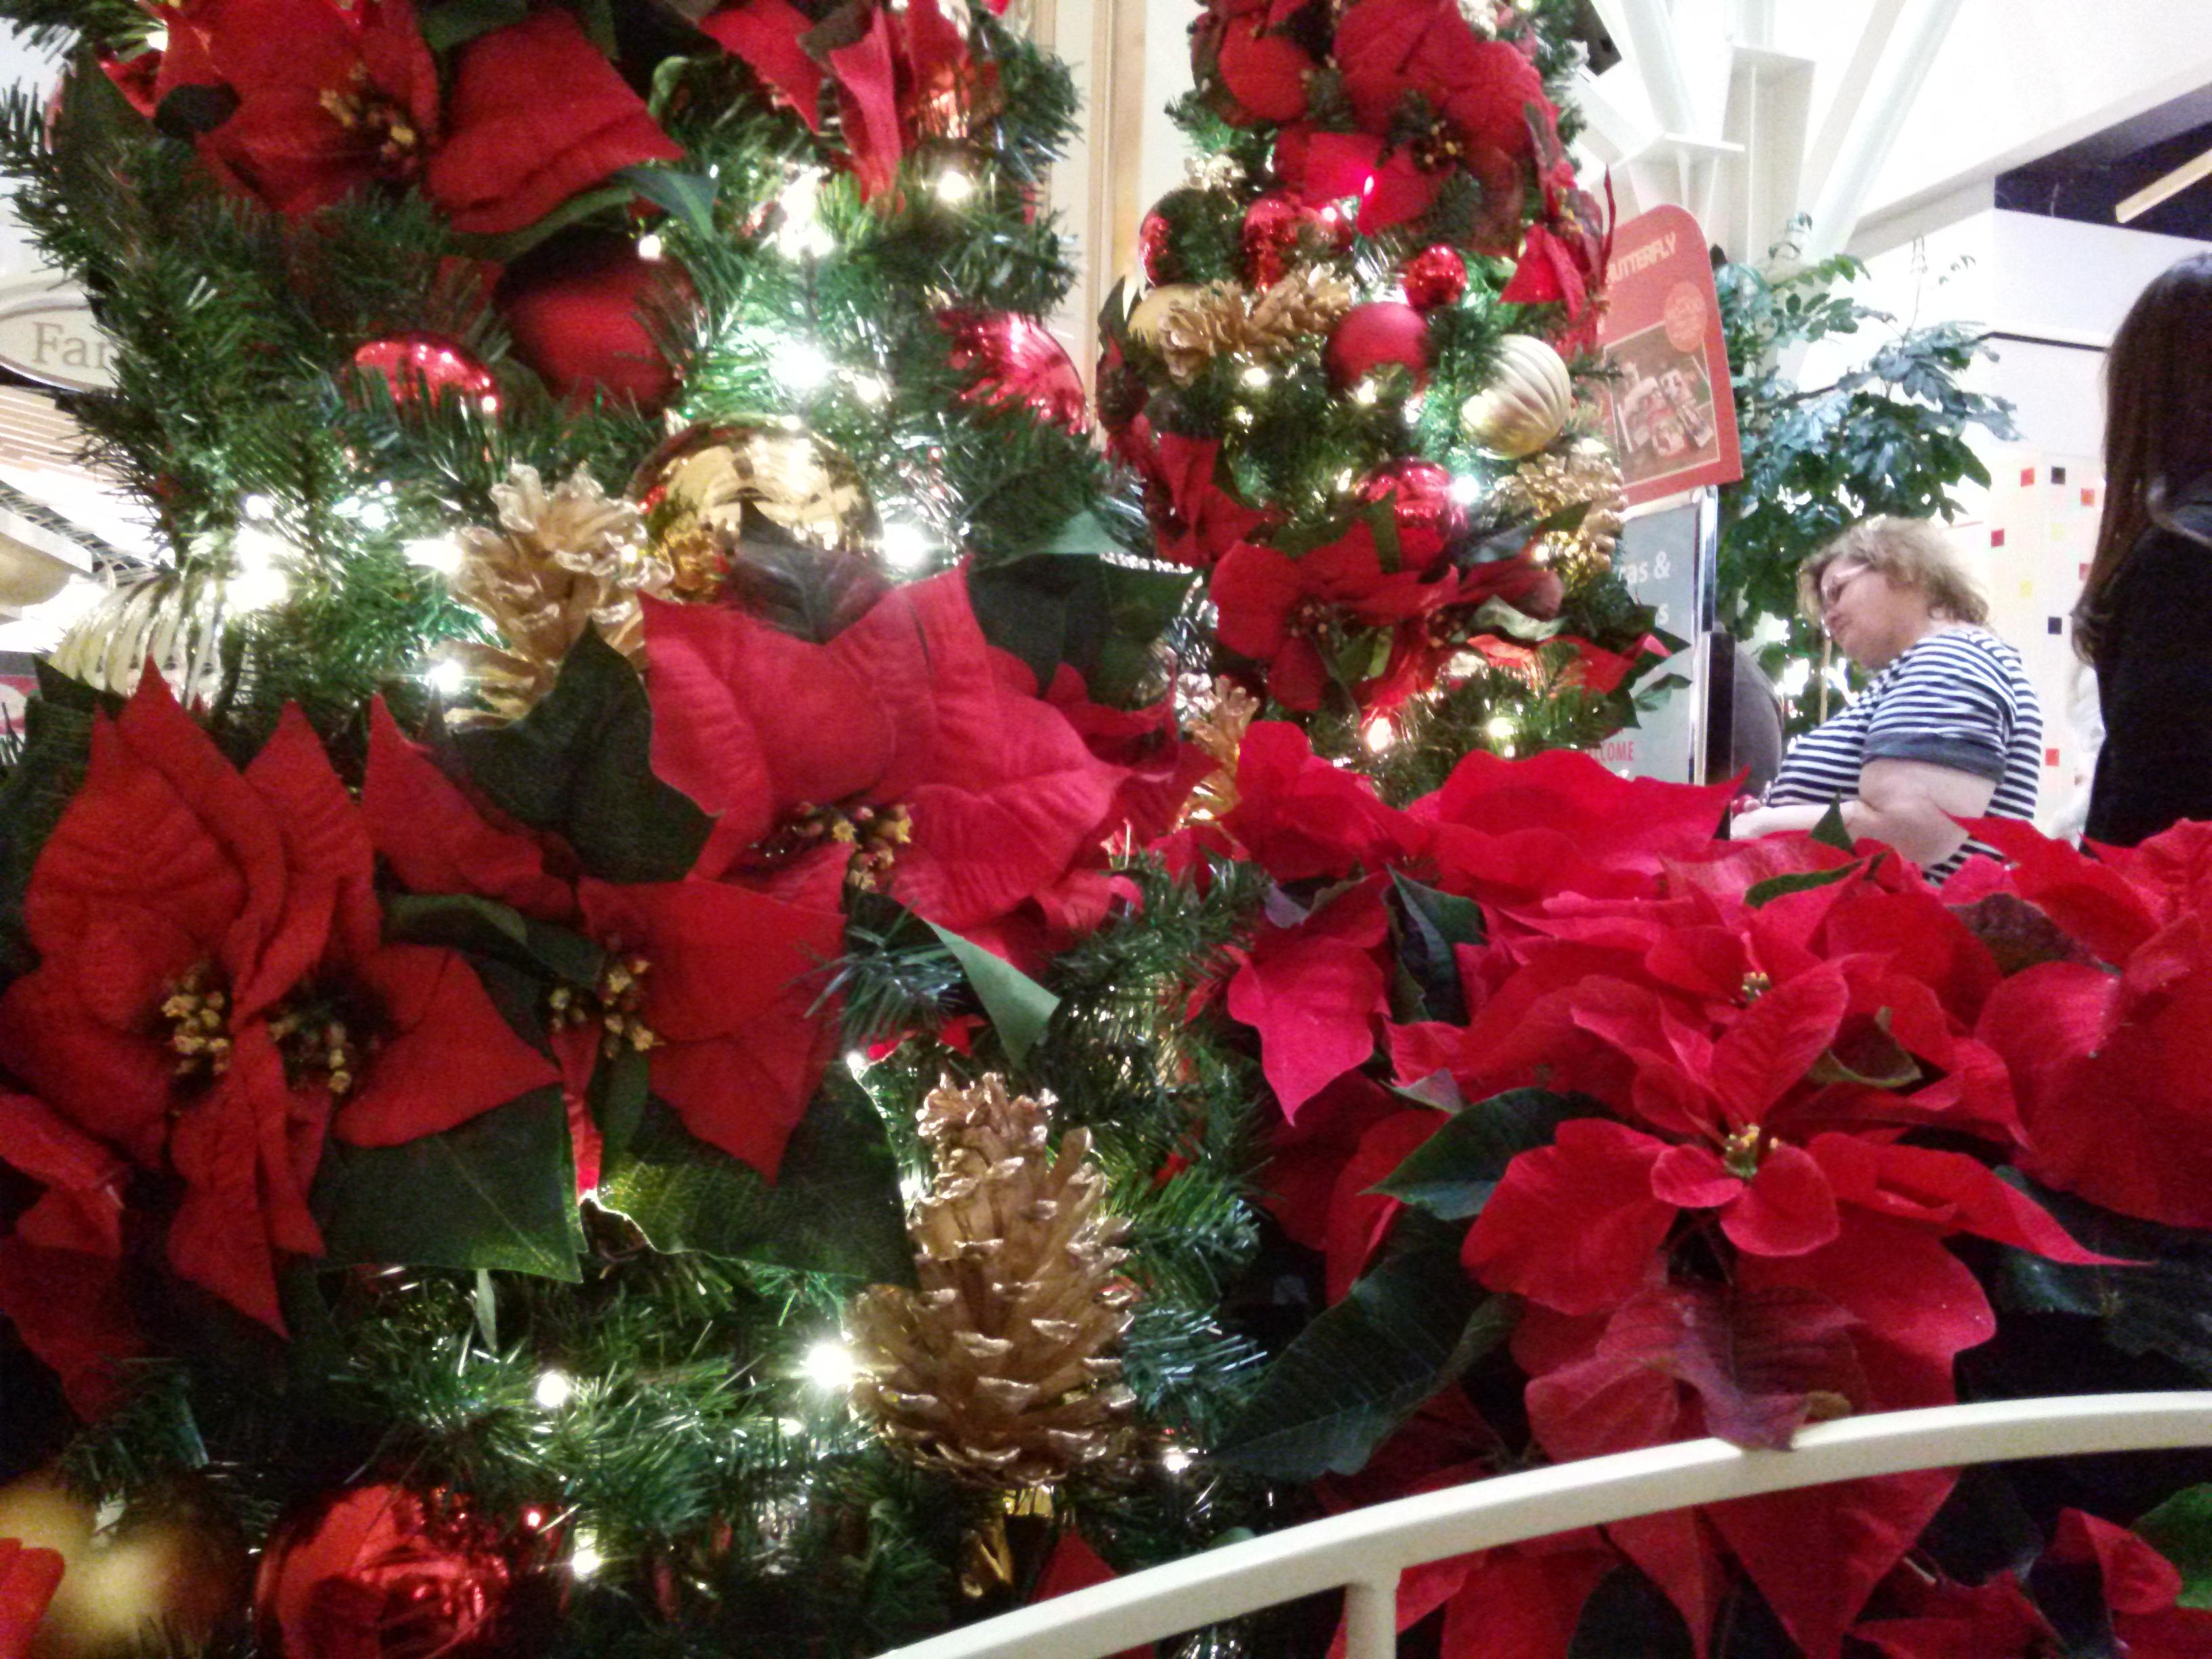 The #Smithpuppies visit Santa at Northwest Arkansas Mall ...